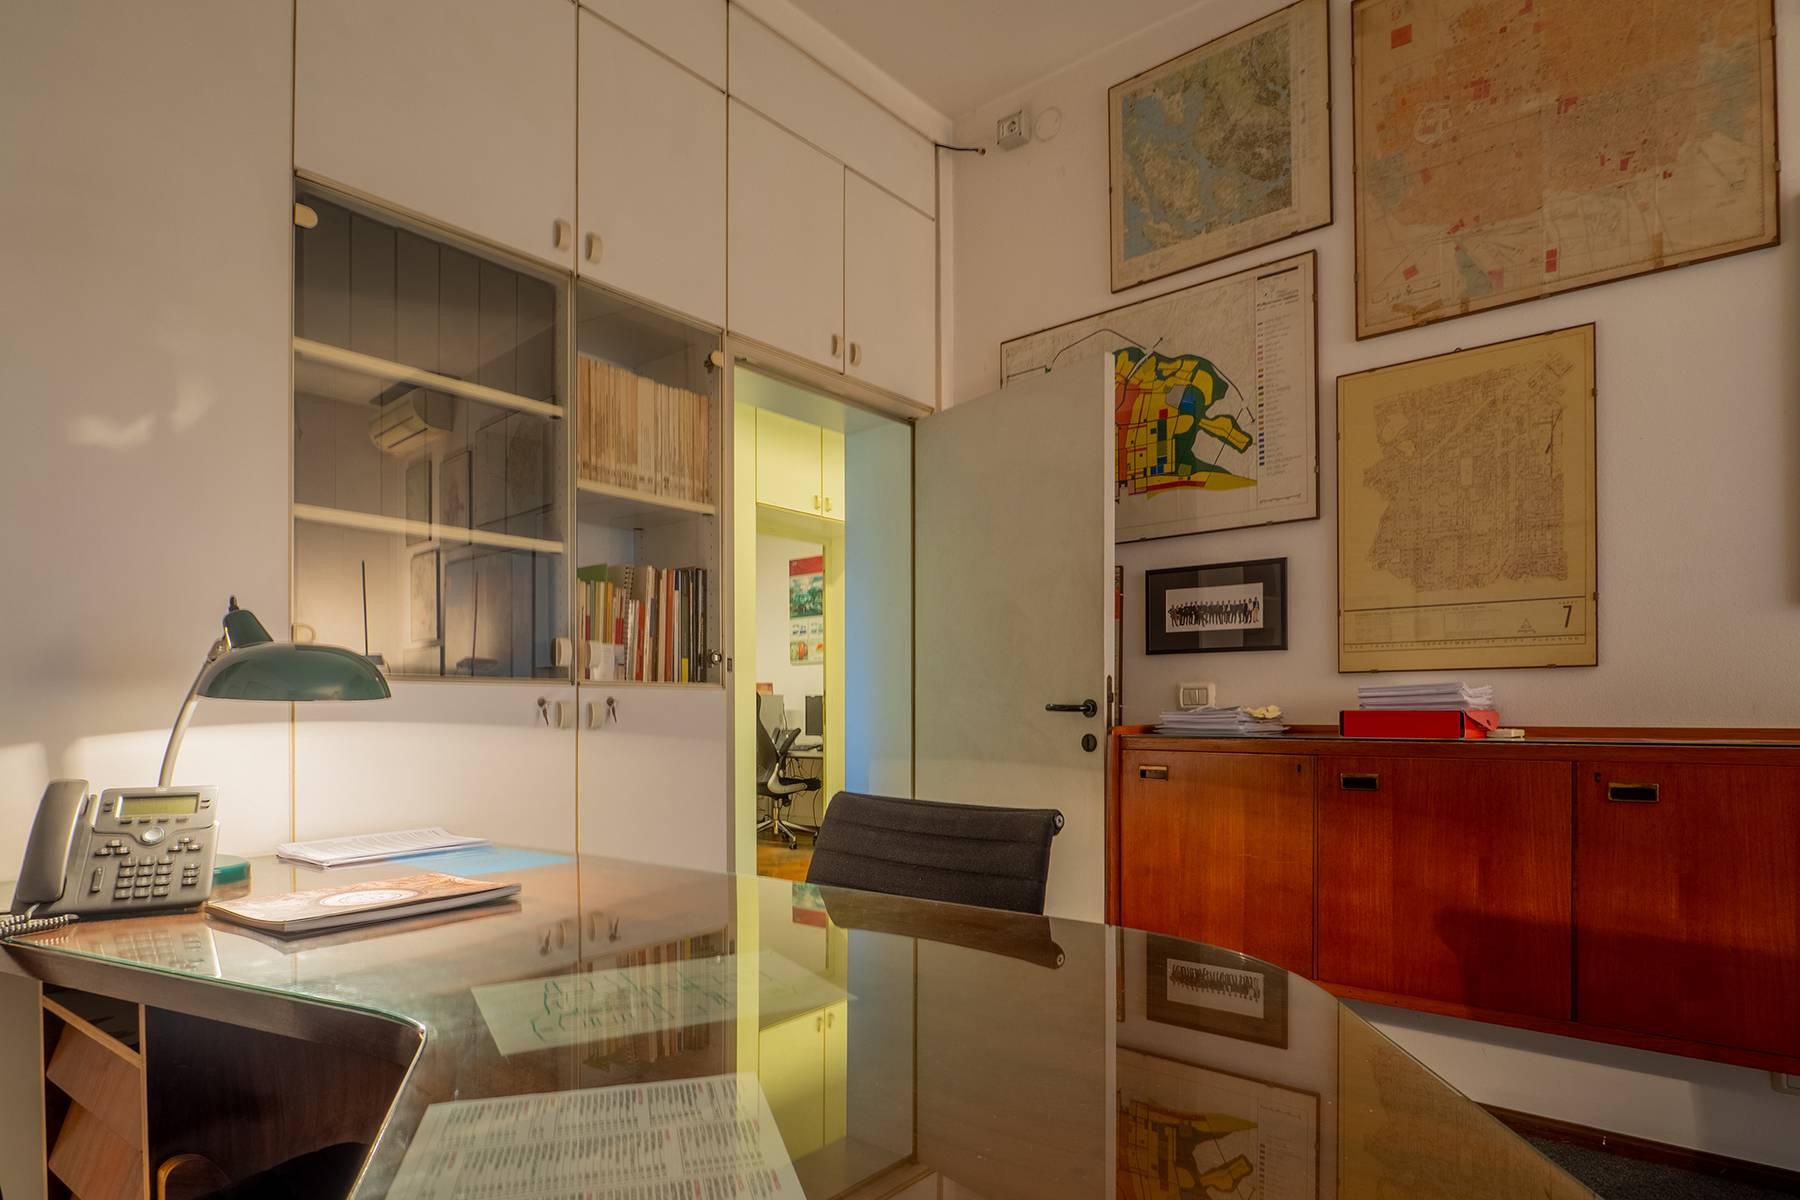 Ufficio-studio in Vendita a Torino: 4 locali, 224 mq - Foto 3